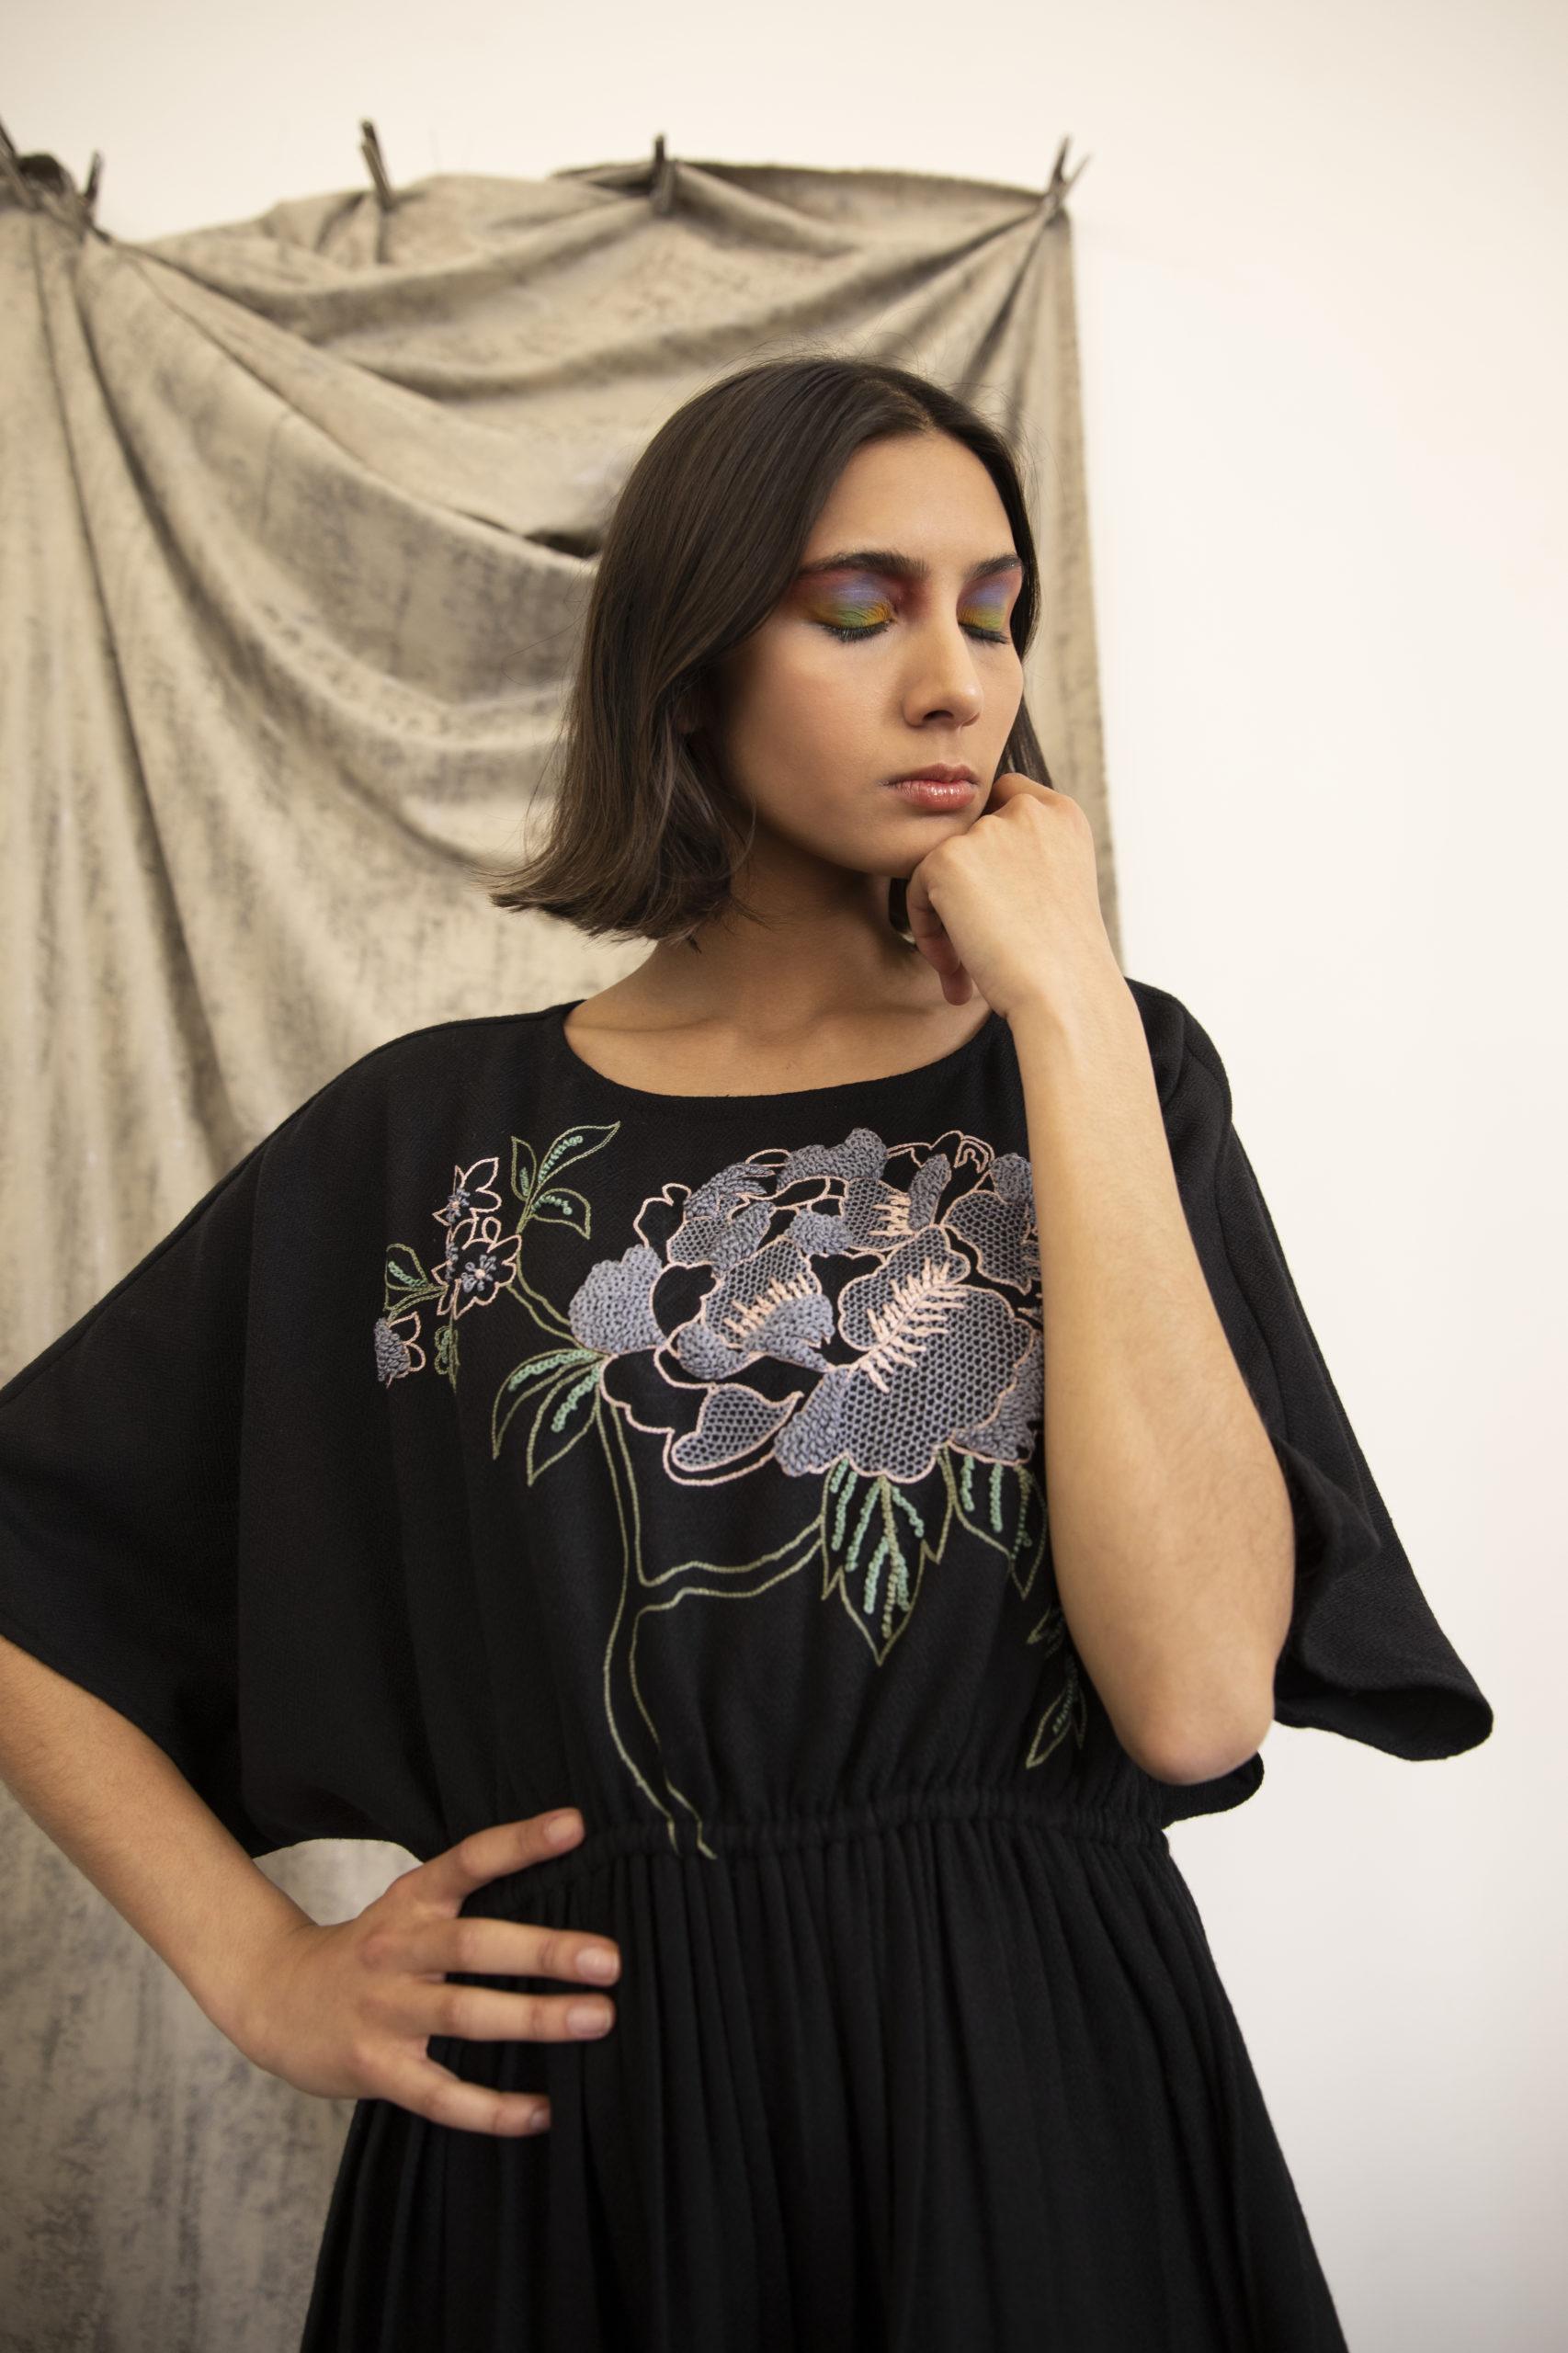 Robe Lally en fibre de soja détails noire vegan broderie exclusive à la main